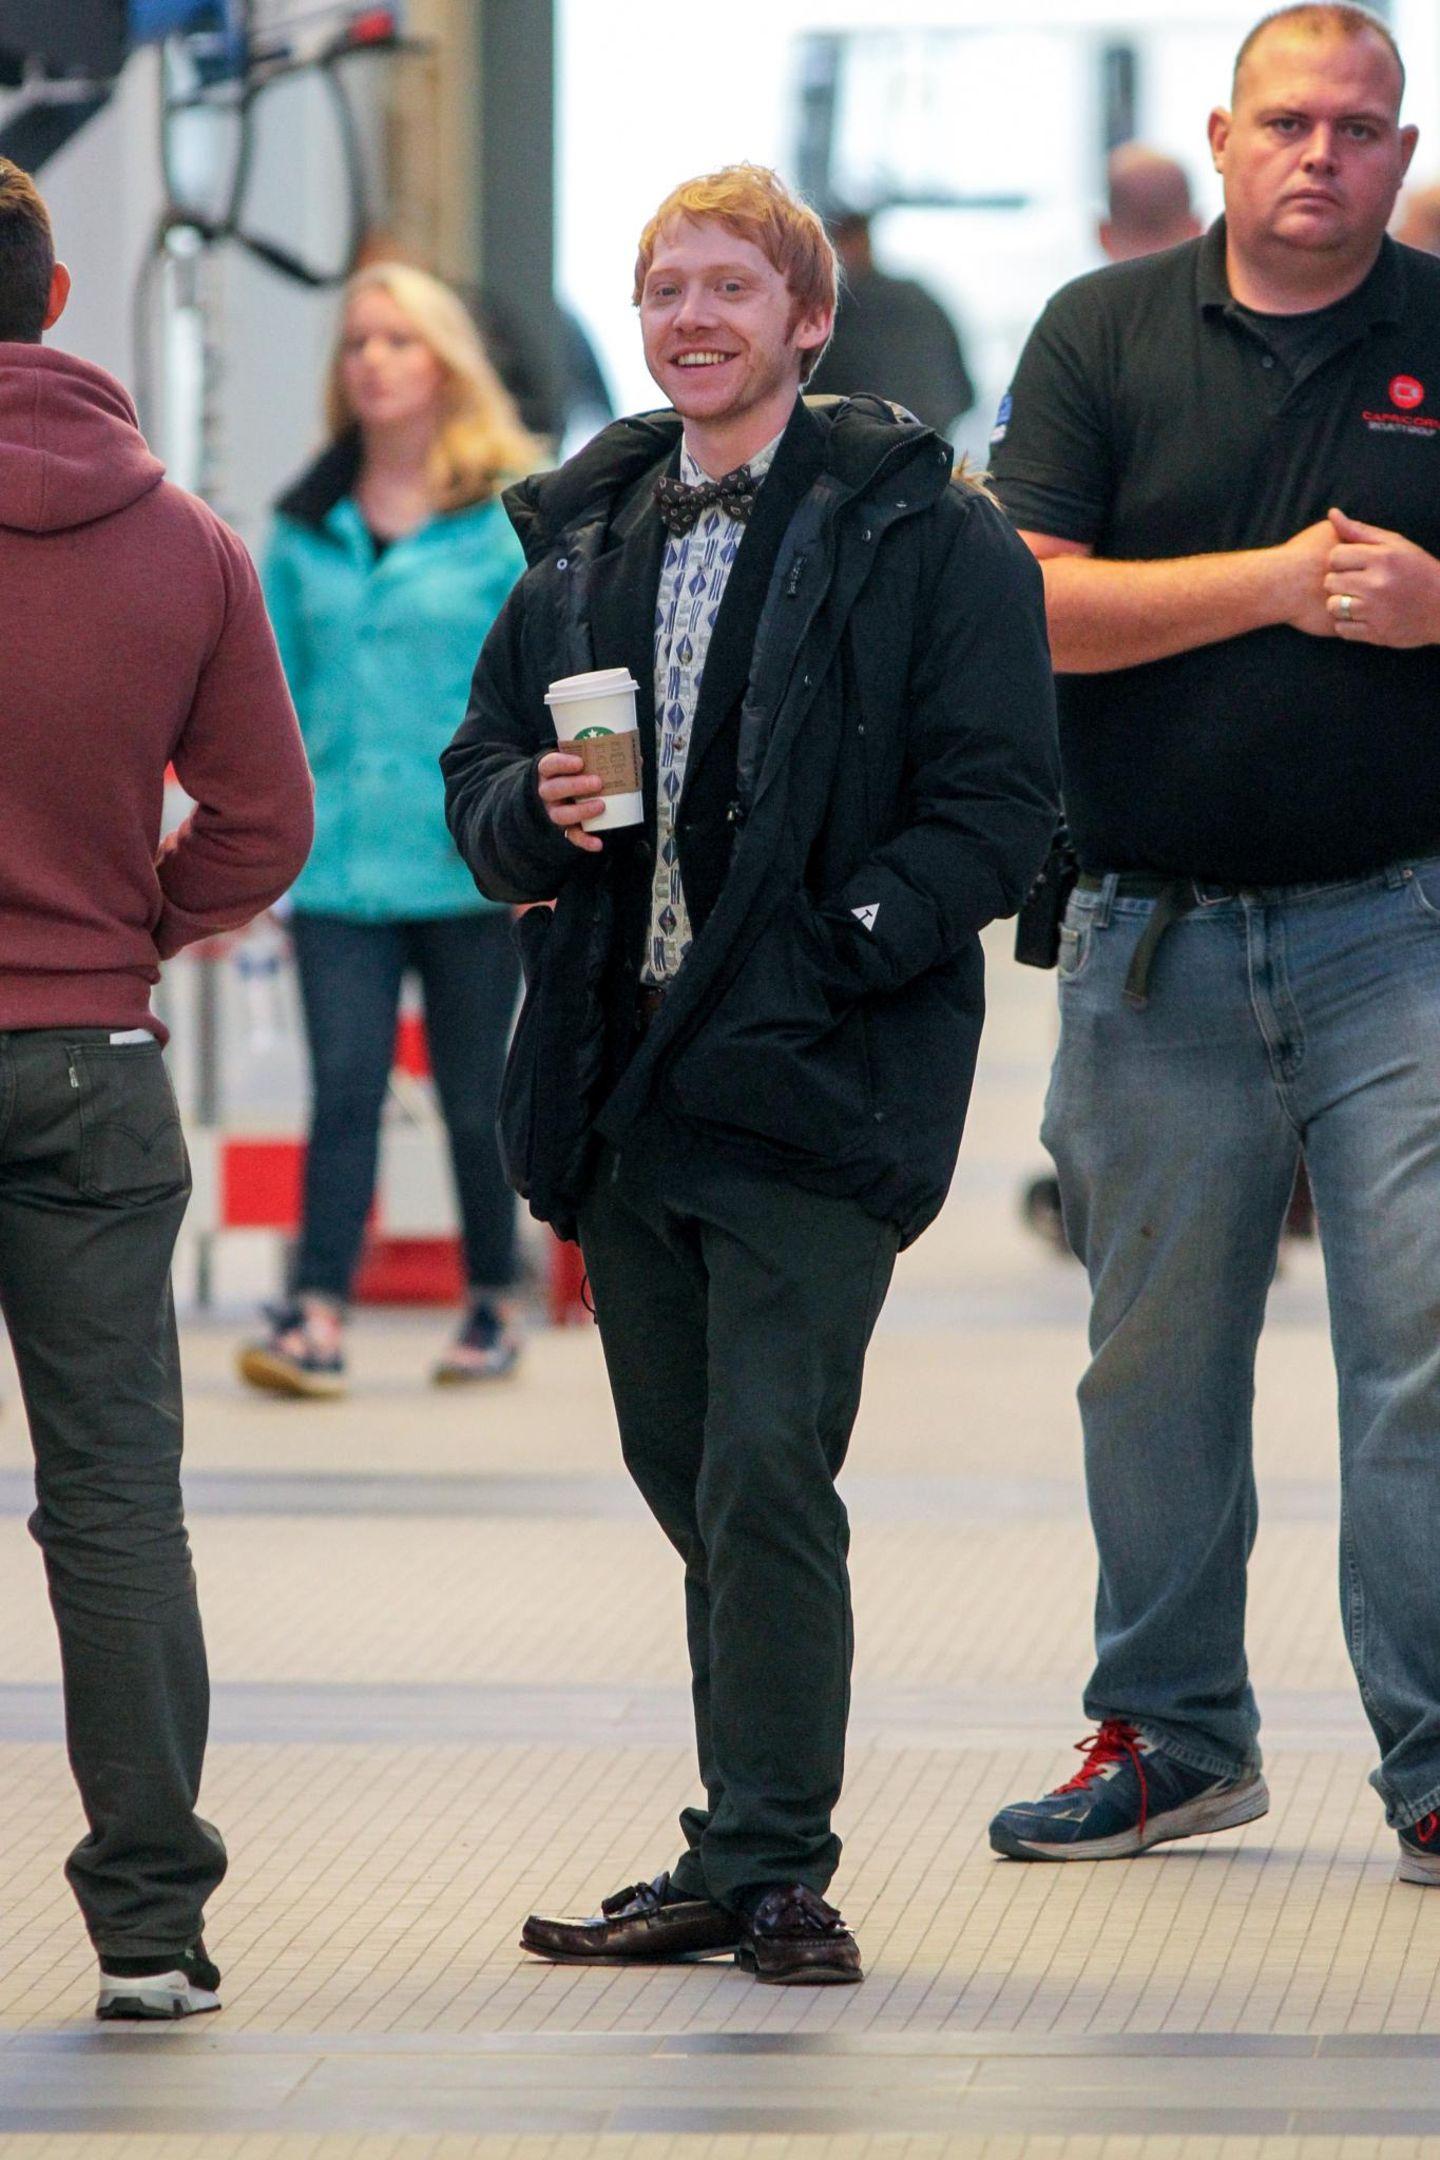 Schauspieler Rupert Grint legt eine kleine Kaffeepause ein, während Dreharbeiten in Manchester.